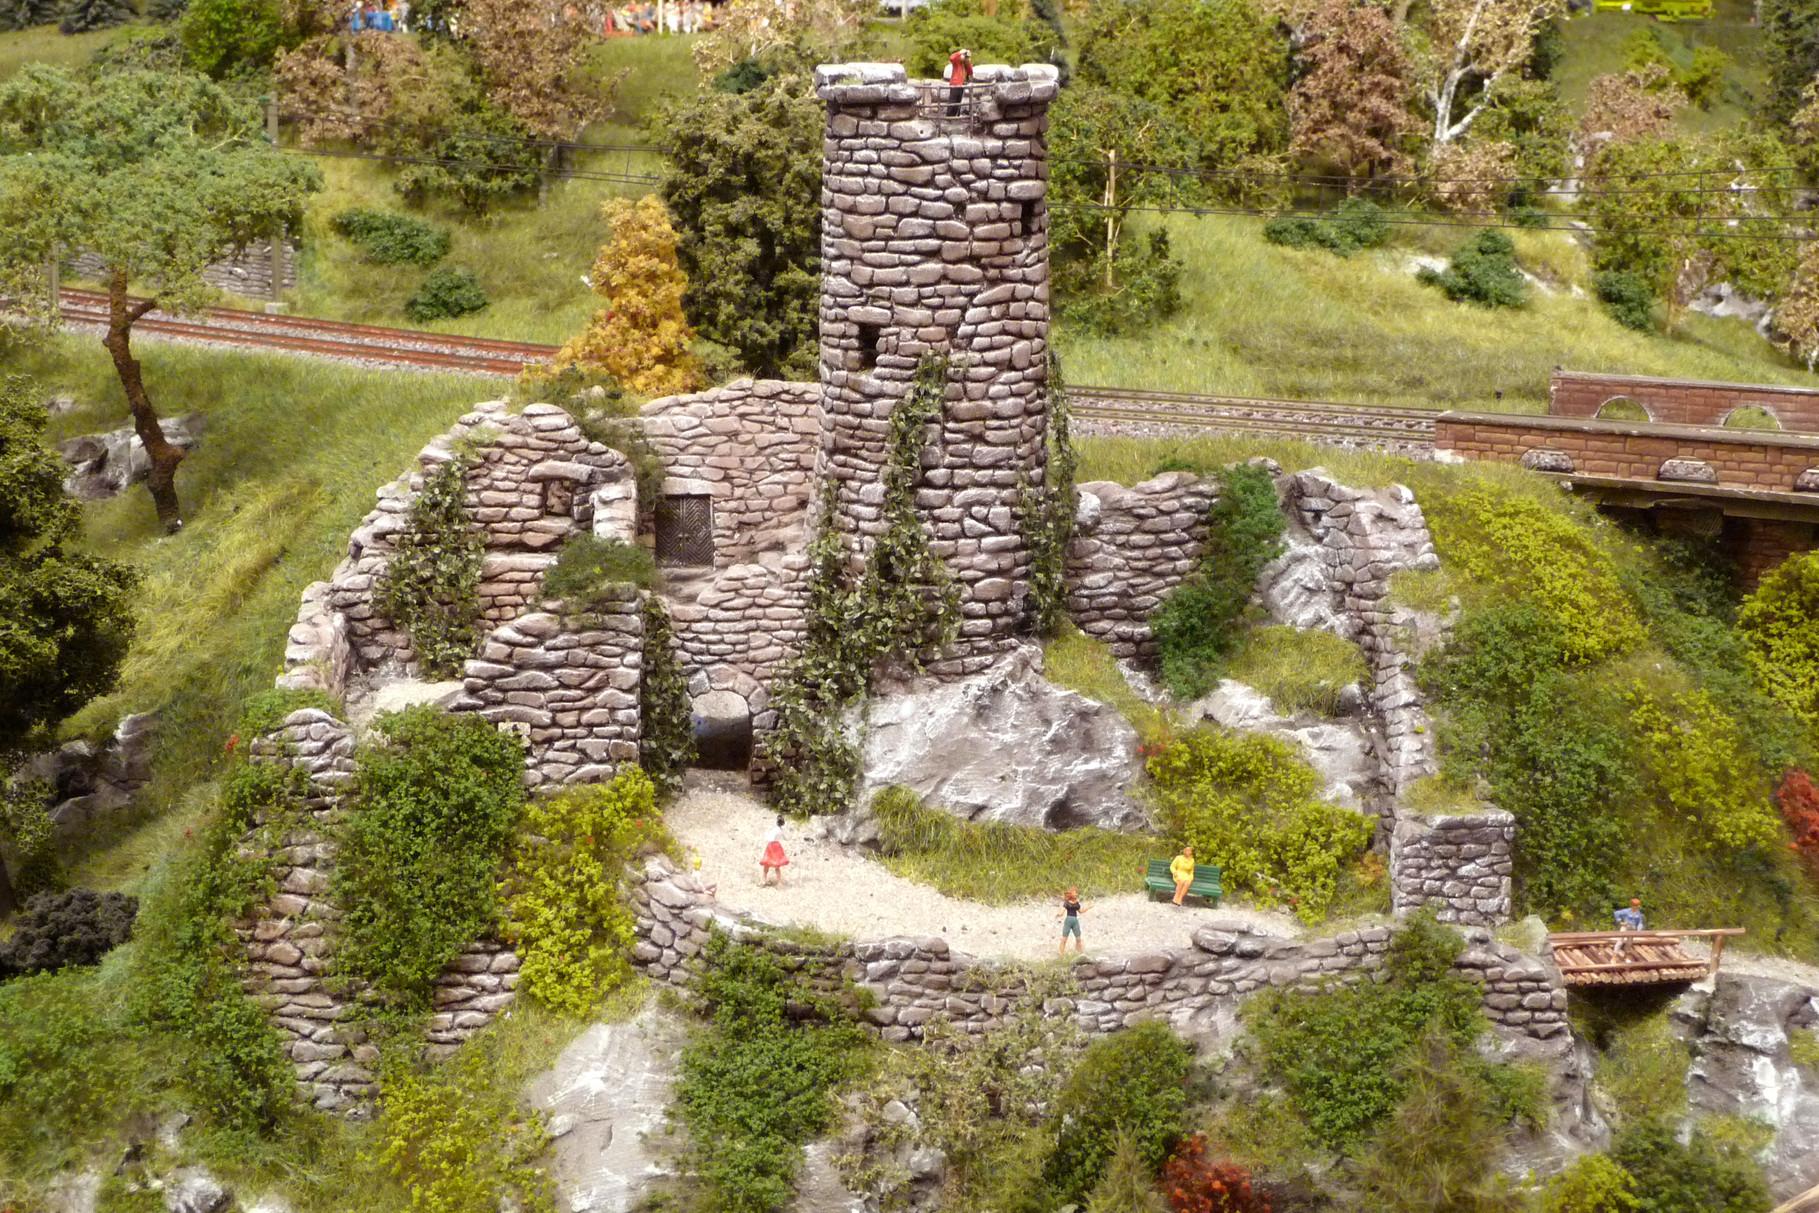 Gesamtübersicht von Gerhards Ruine